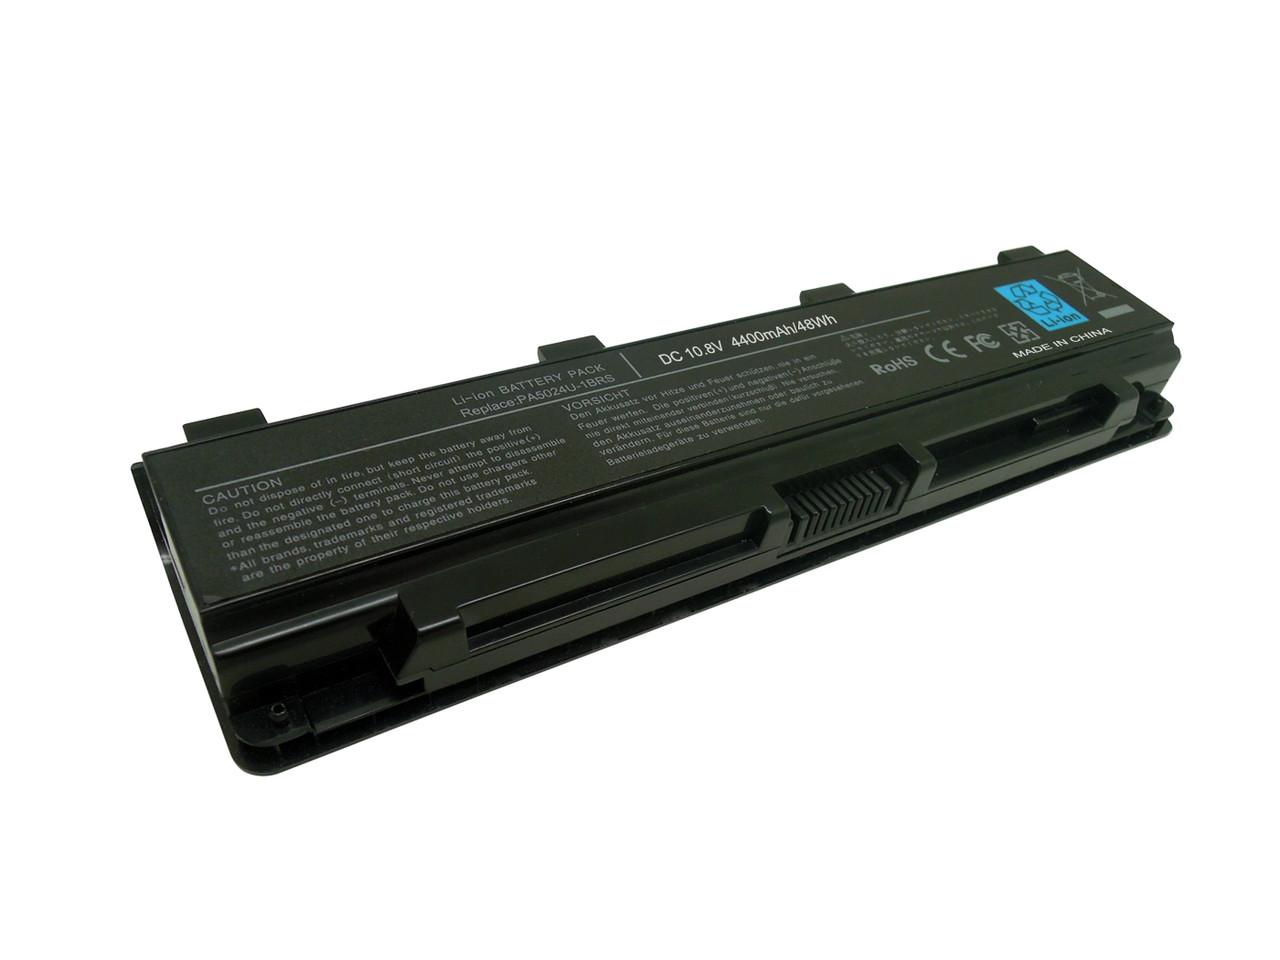 Батарея для ноутбука TOSHIBA SATELLITE L875-S7377